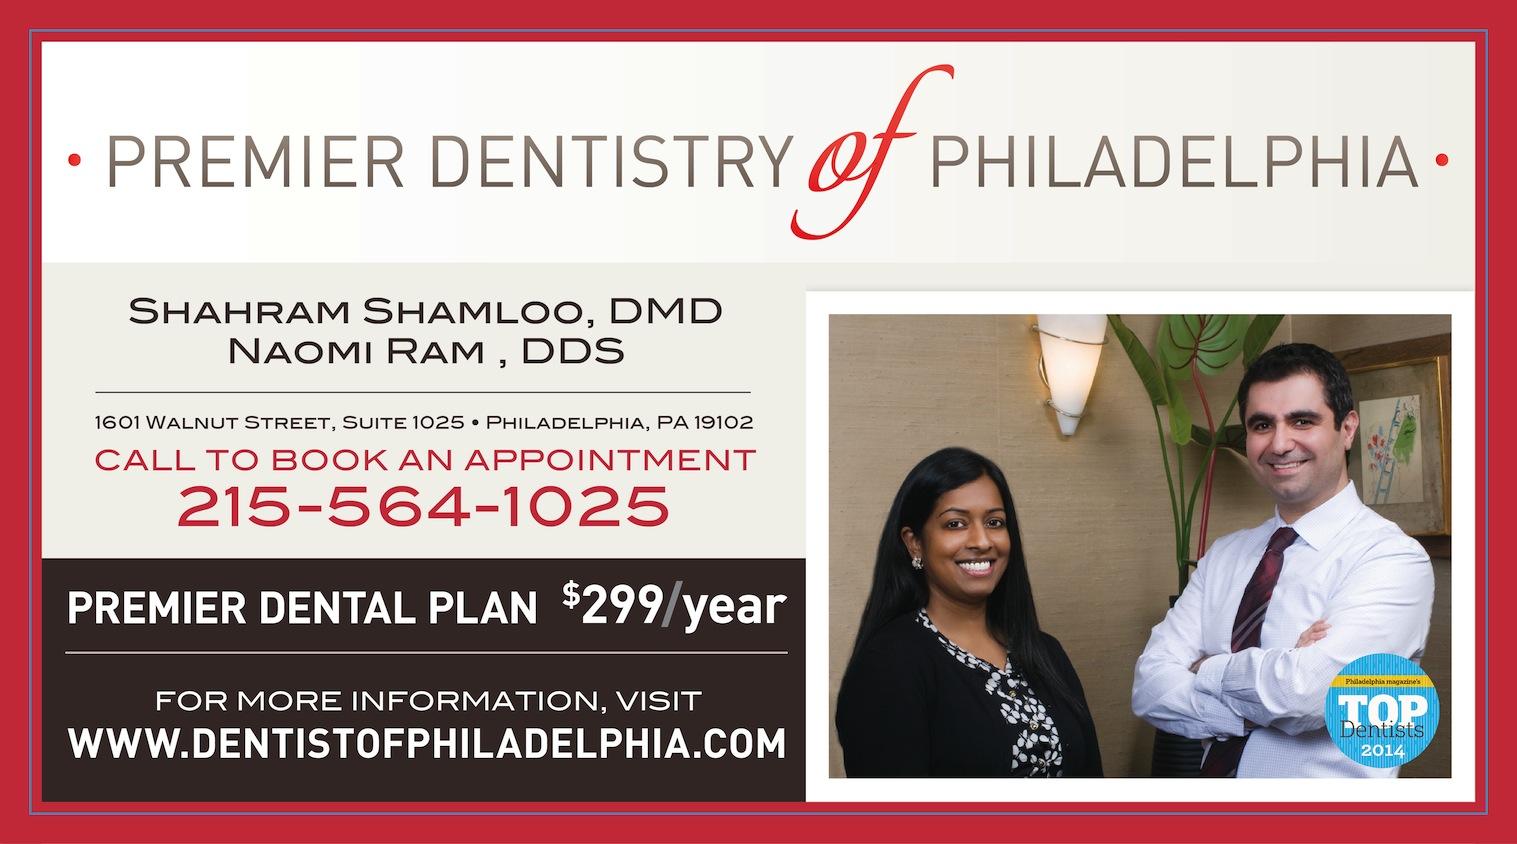 http://dentistofphiladelphia.com/special-offer/